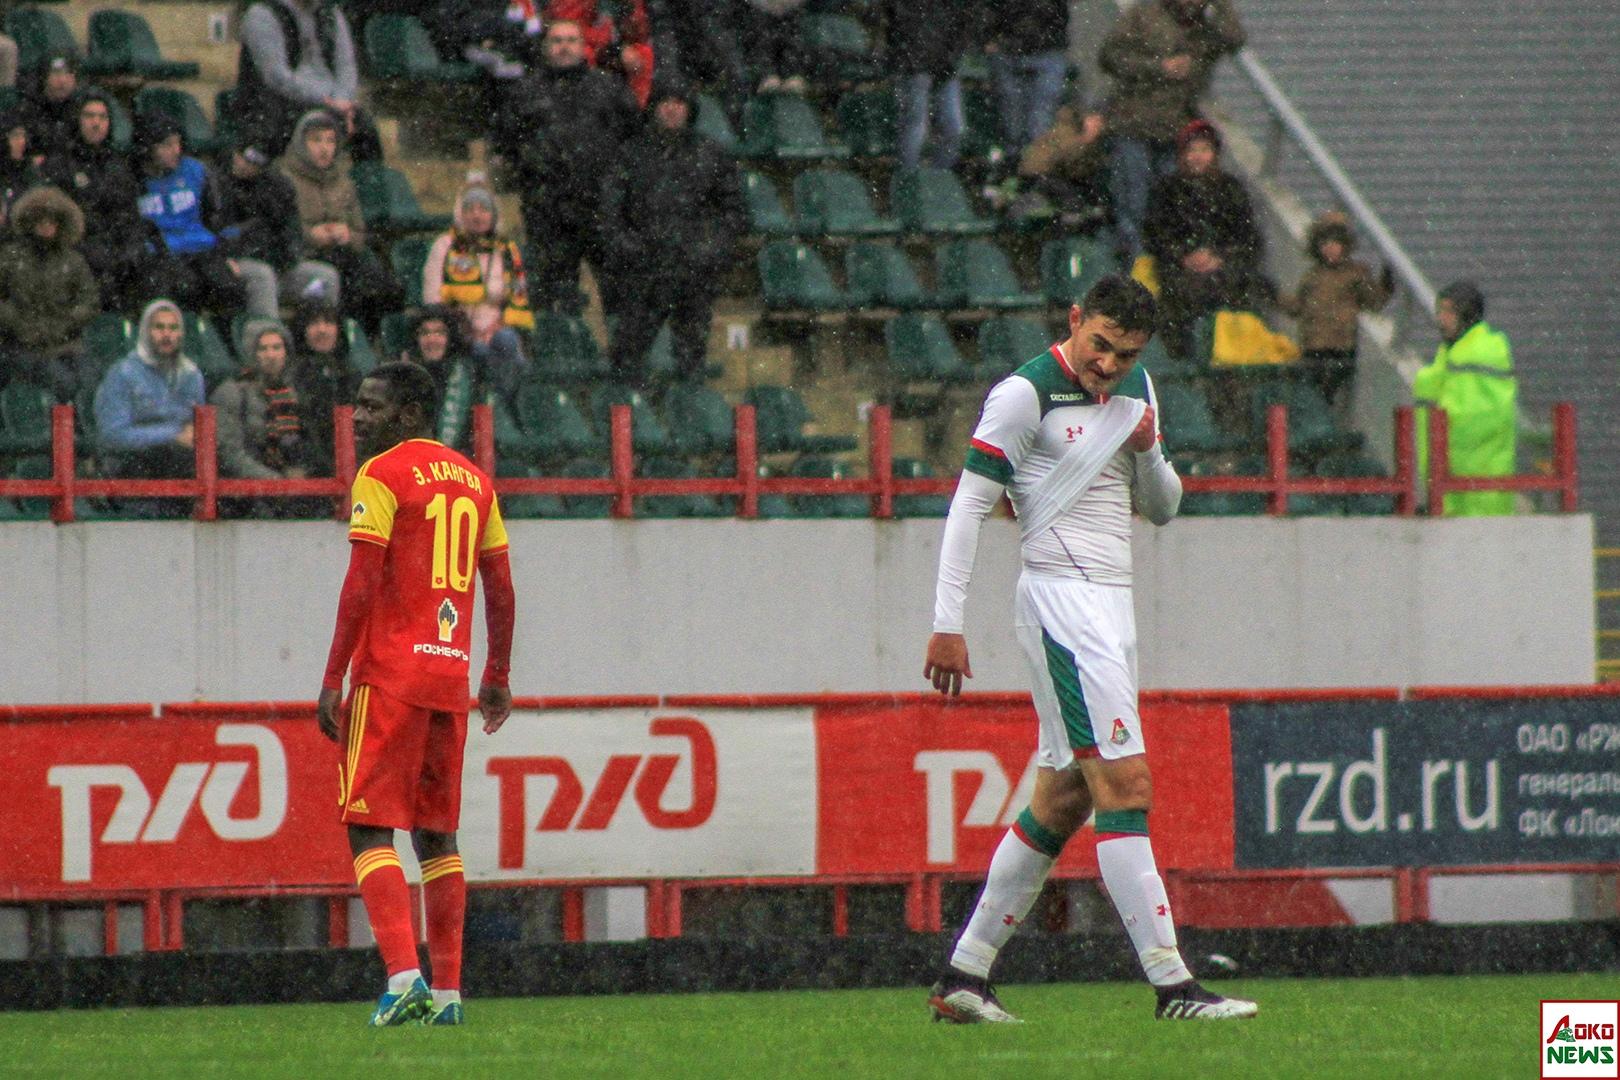 Локомотив - Арсенал. Фото: Дмитрий Бурдонов